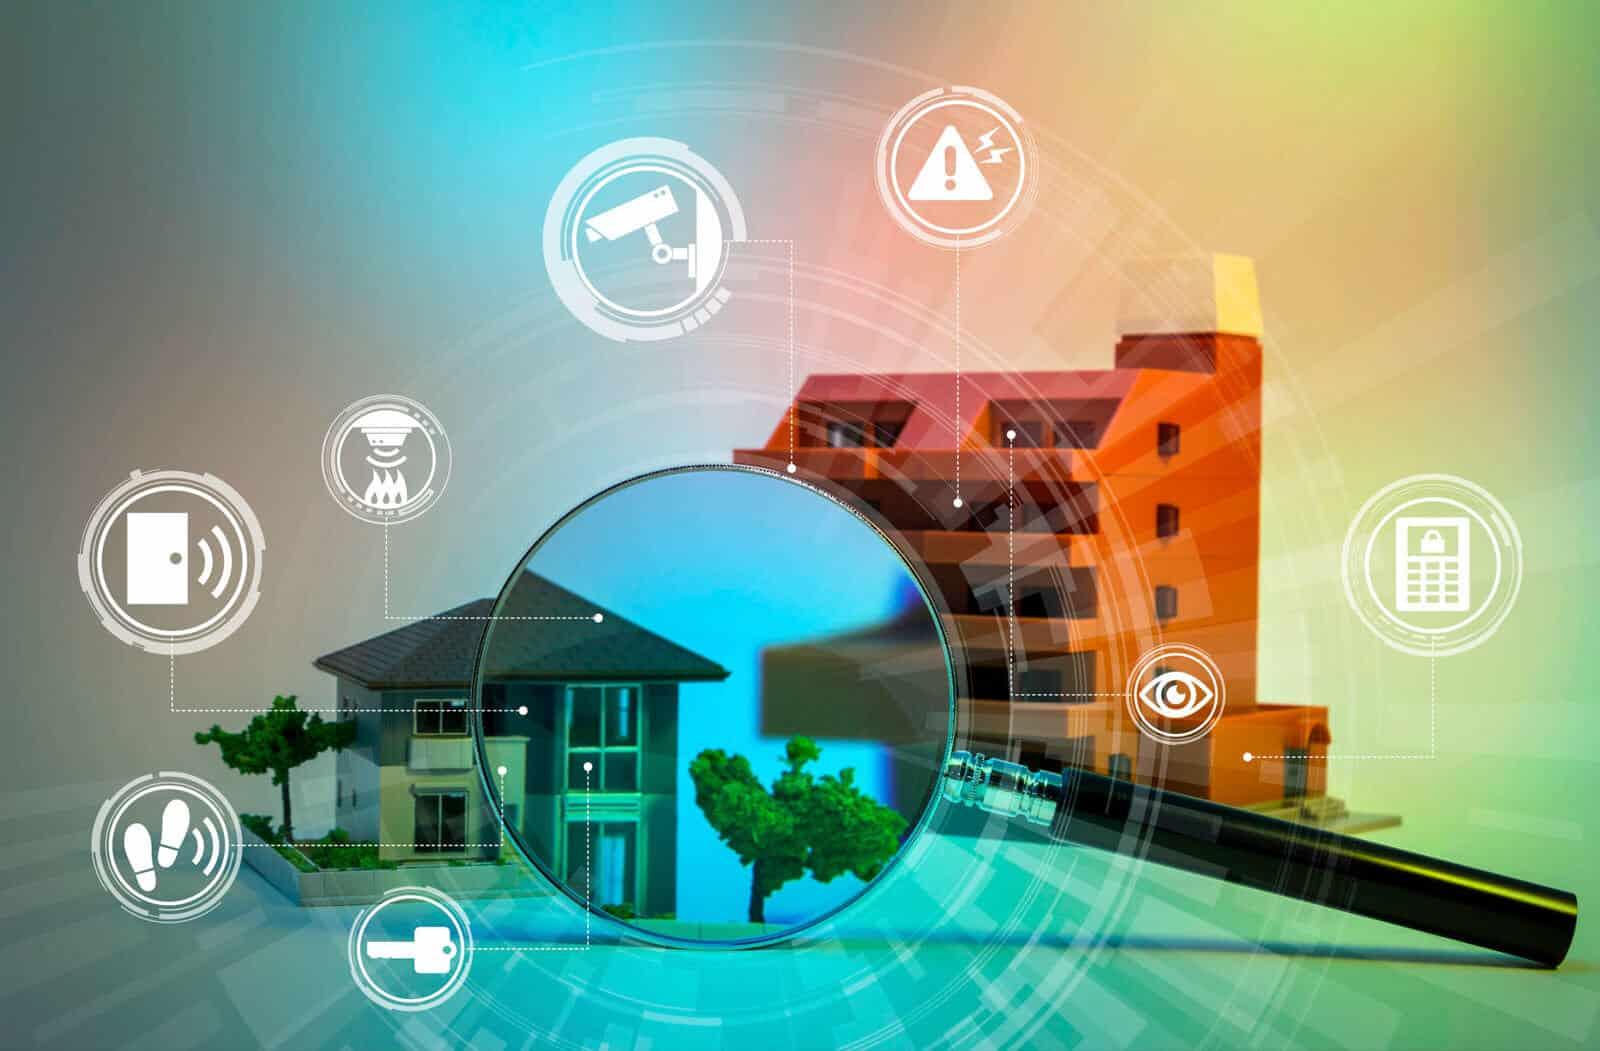 Apple, Google и Amazon се обединяват за разработване за стандарт с отворен код за интелигентен дом